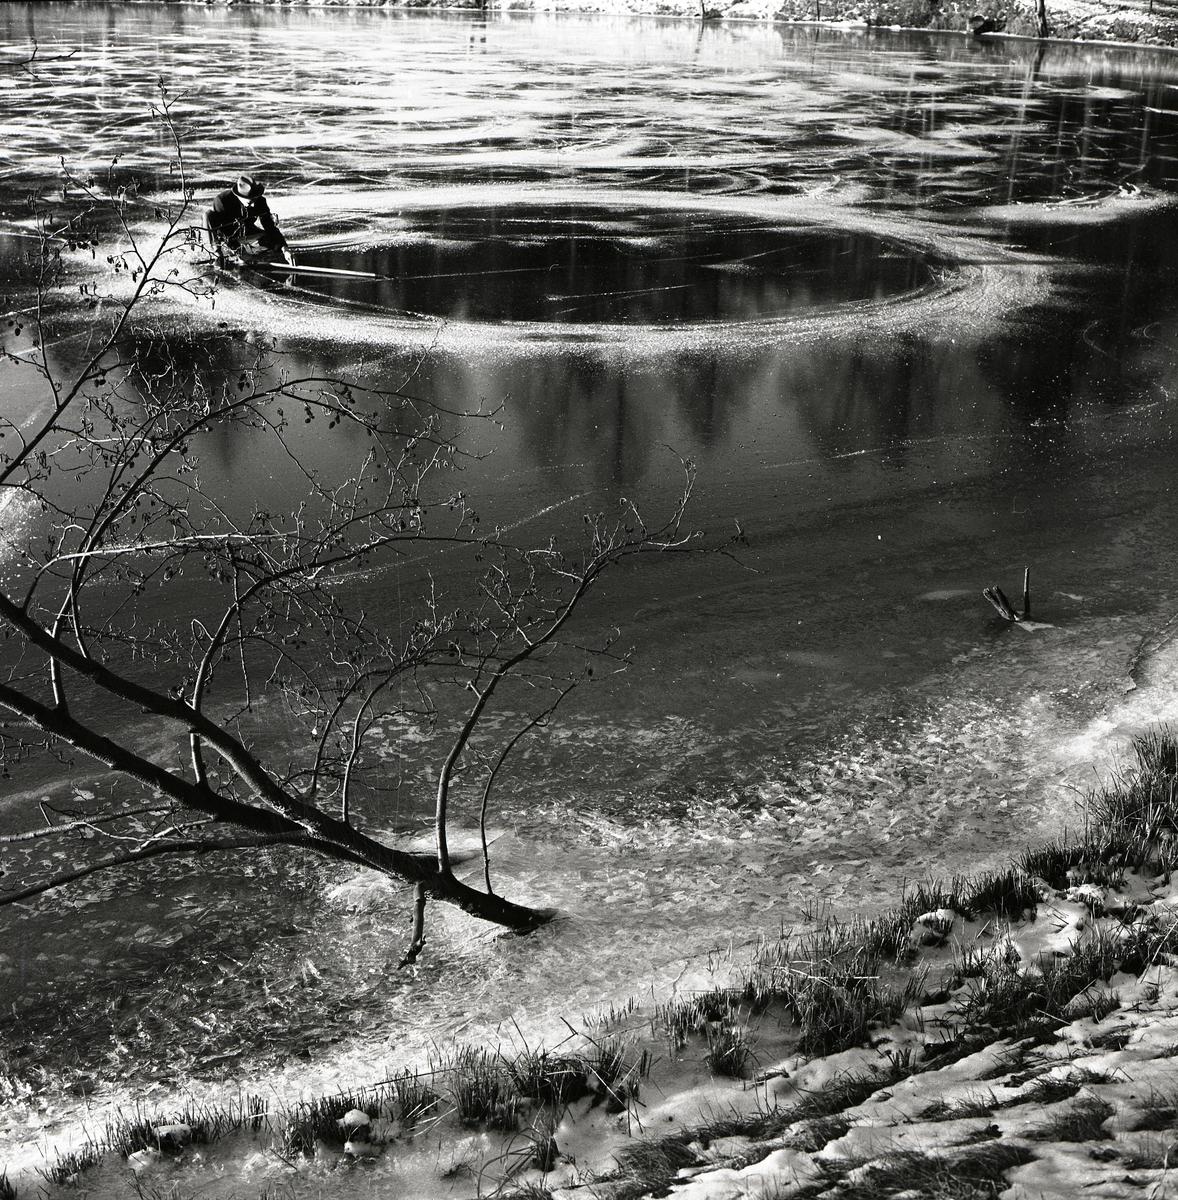 En ring skapad av skridskospår på is den 5 december 1958.